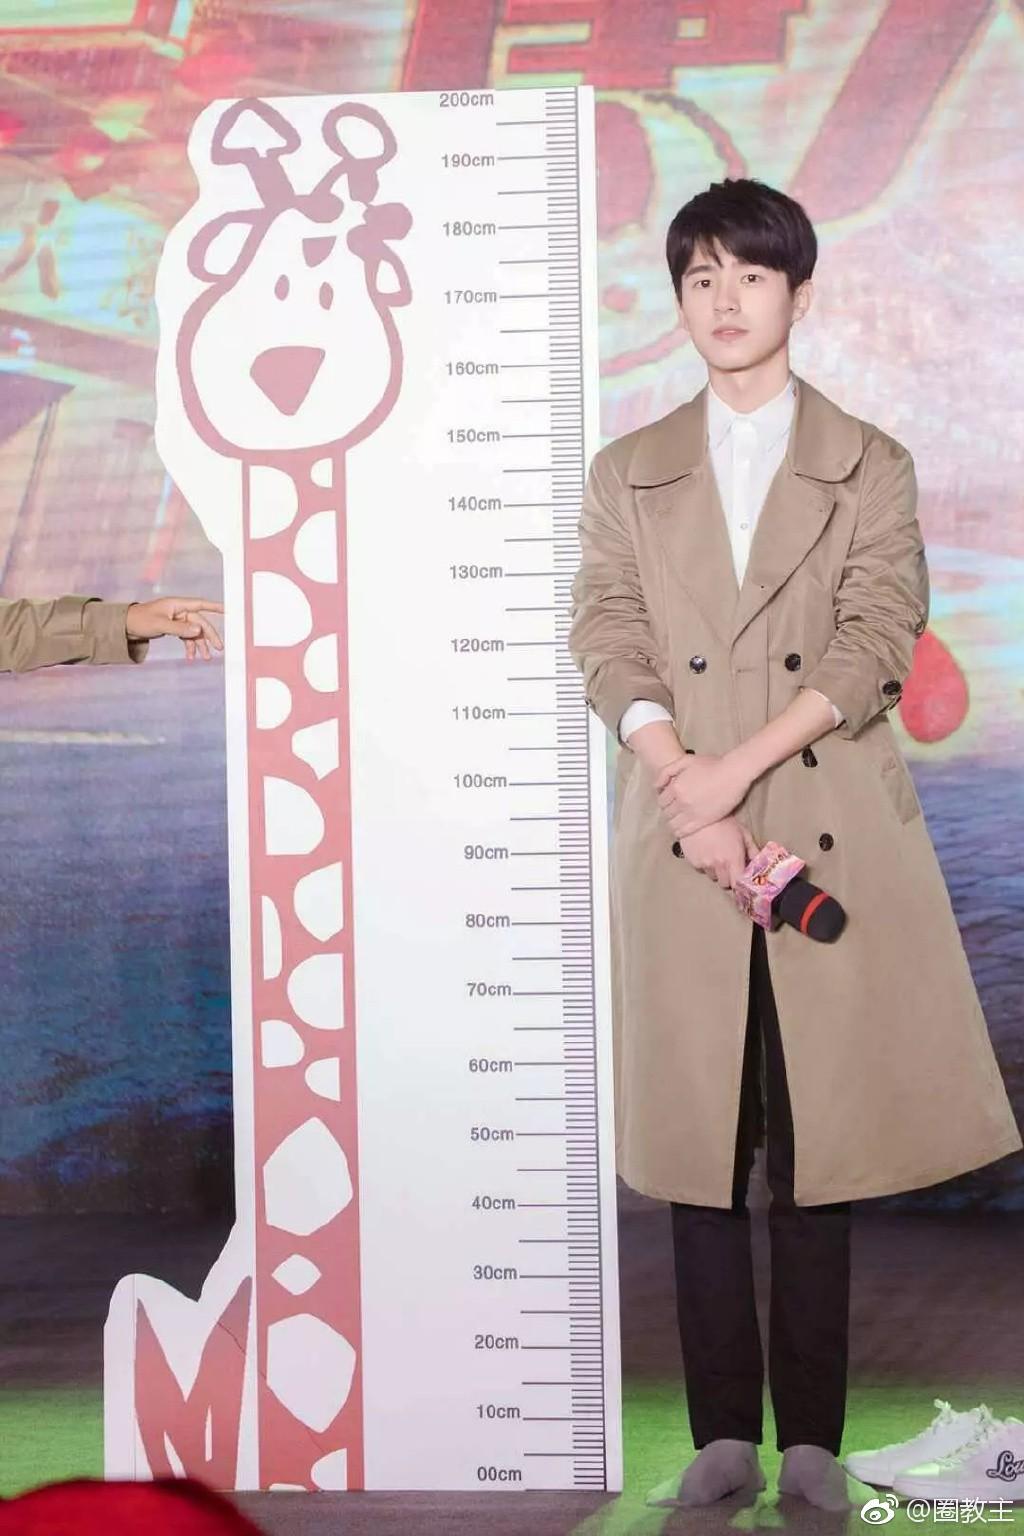 Cao tới 1m85, nhưng Dư Hoài Lưu Hạo Nhiên vẫn bị bóc mẽ sử dụng tất độn chiều cao - Ảnh 1.